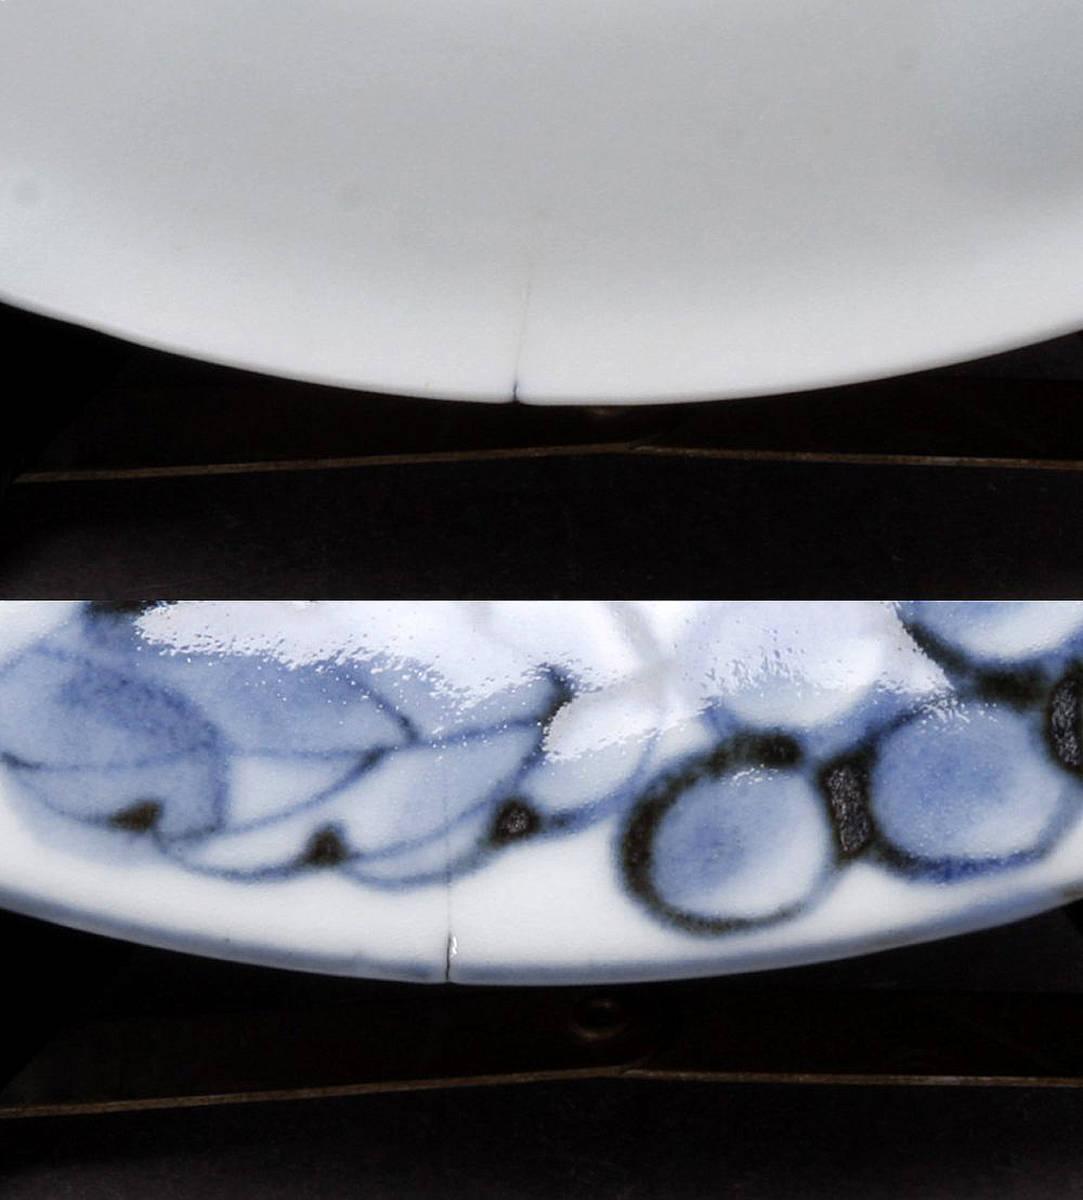 橘吉 たち吉 カップ&ソーサー5客セット 染付 葡萄柄 口径8.5㎝ 高さ5.5㎝ 底径4㎝/直径14.5㎝ 高さ2㎝ 中古 KA-7065_画像4